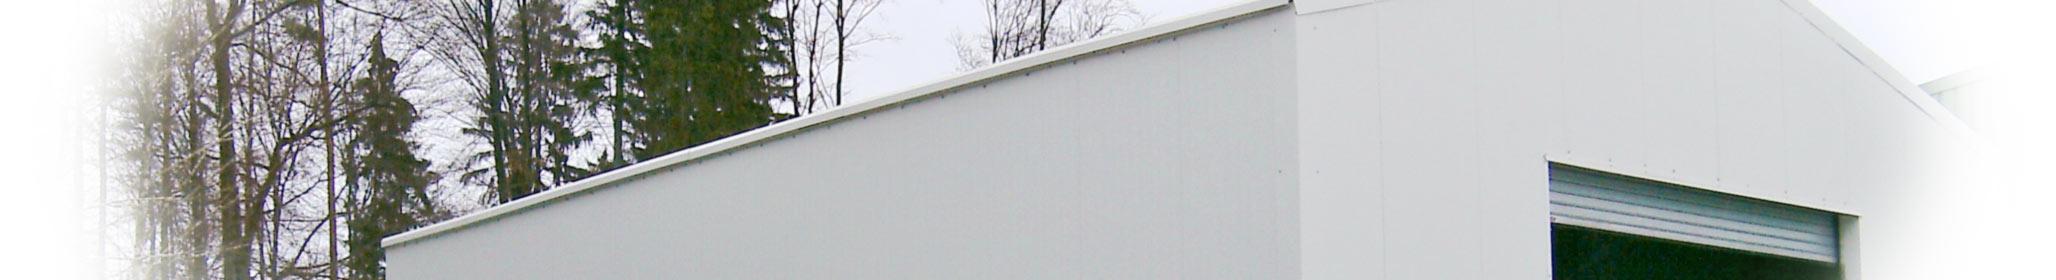 mit sandwichelementen in dach und wand zelte und. Black Bedroom Furniture Sets. Home Design Ideas